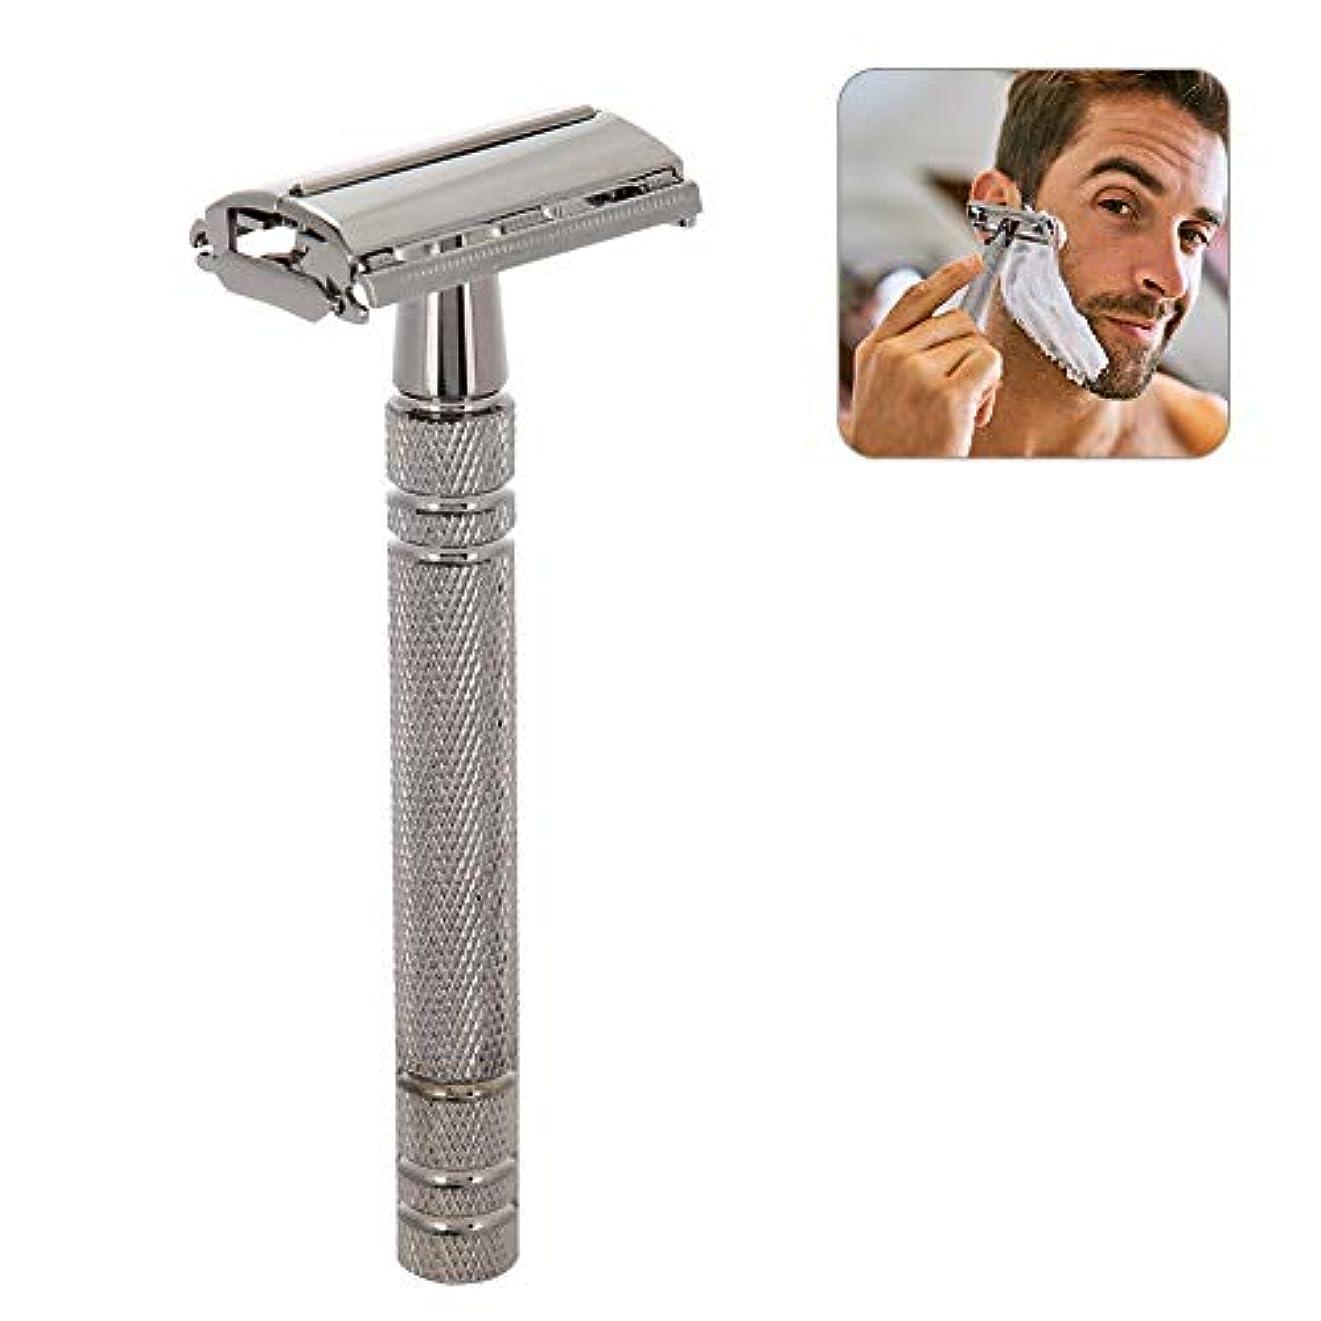 シンプルされる深めるメンズシェーバー クラシックレイザー 脱毛器 剃刀 手動 交換可能なブレード(シルバー)